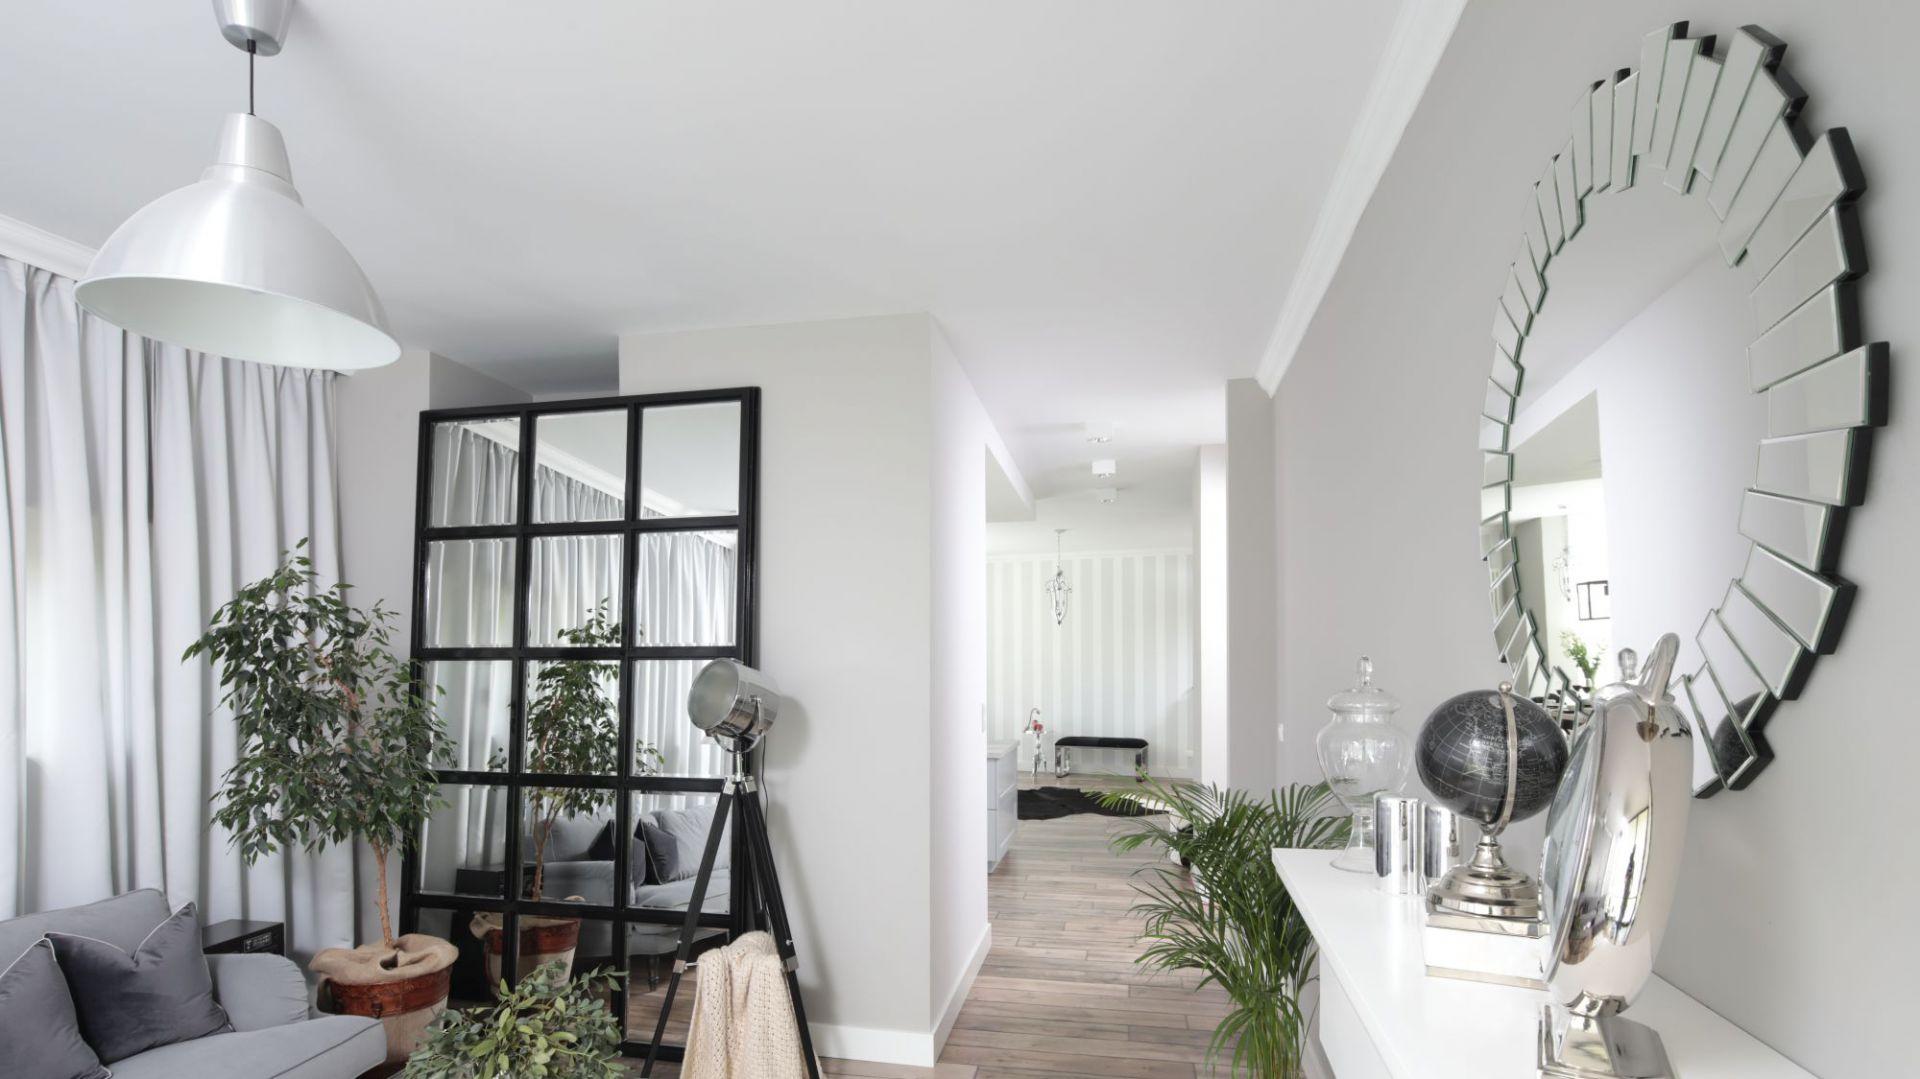 Pomysł na ścianę w salonie. Projekt: Wioletta Wójcik. Fot. Bartosz Jarosz